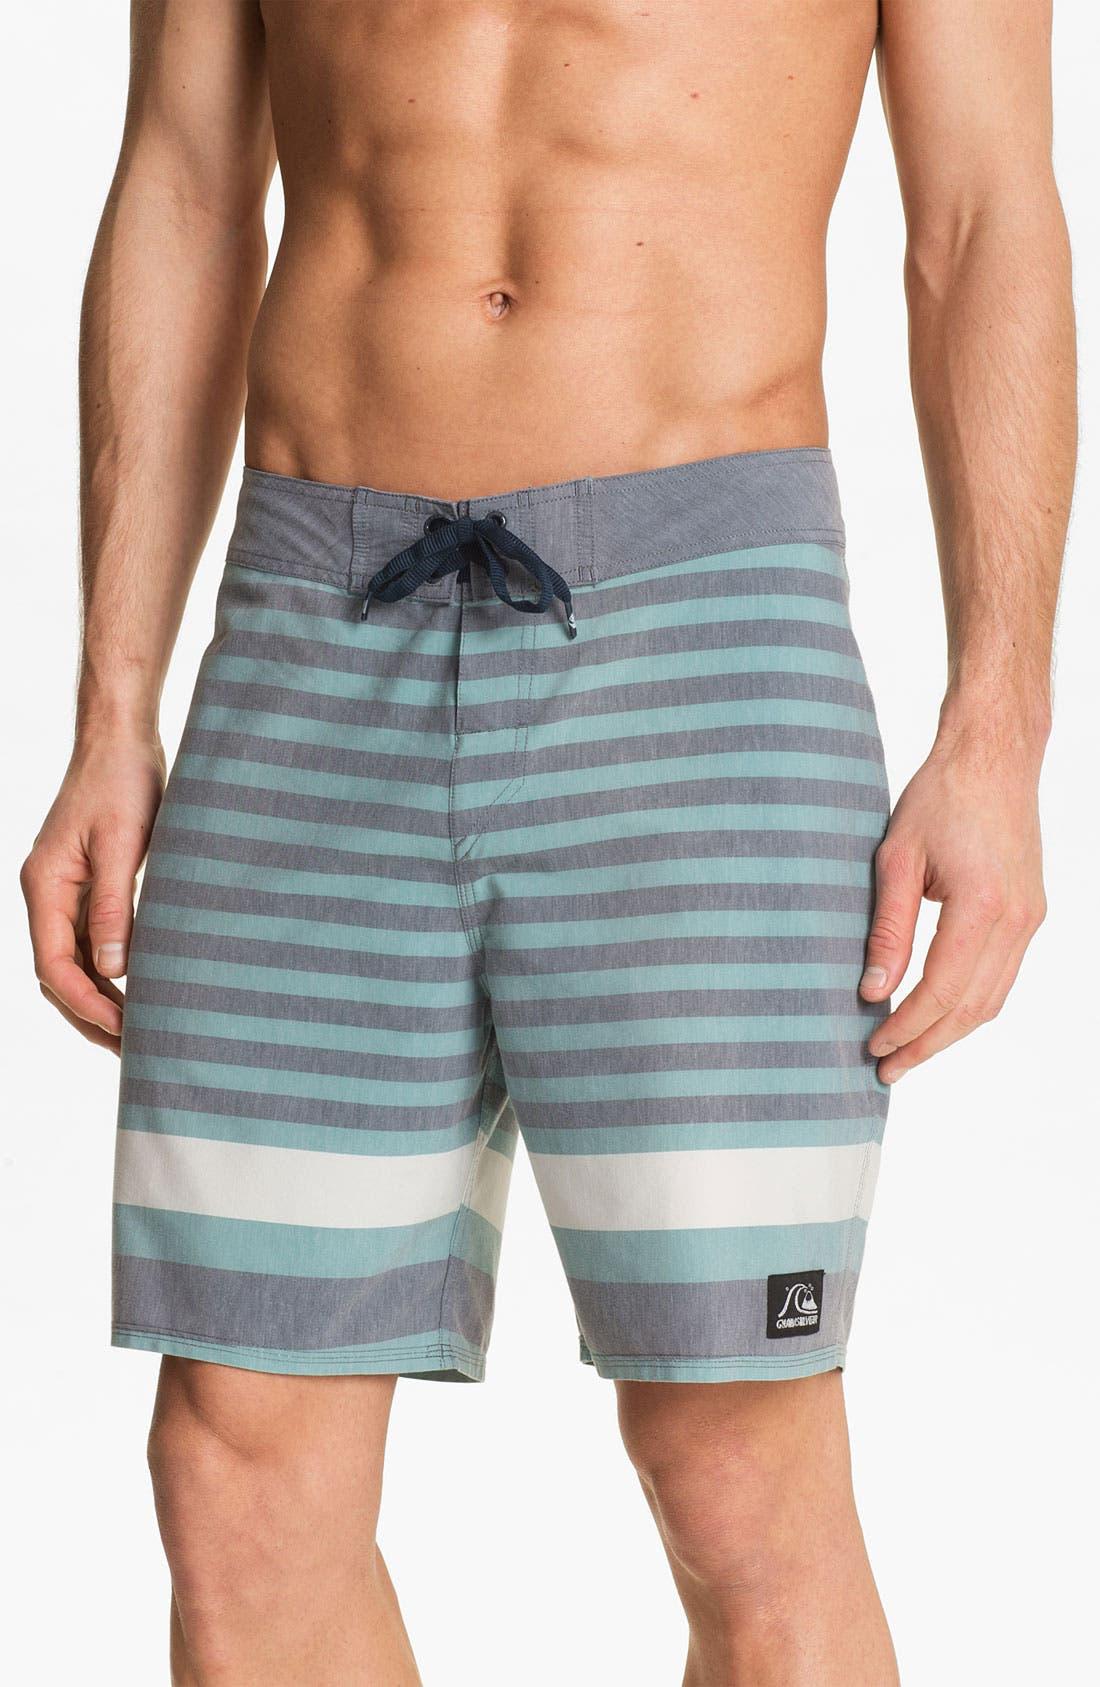 Main Image - Quiksilver 'Biarritz' Stripe Board Shorts